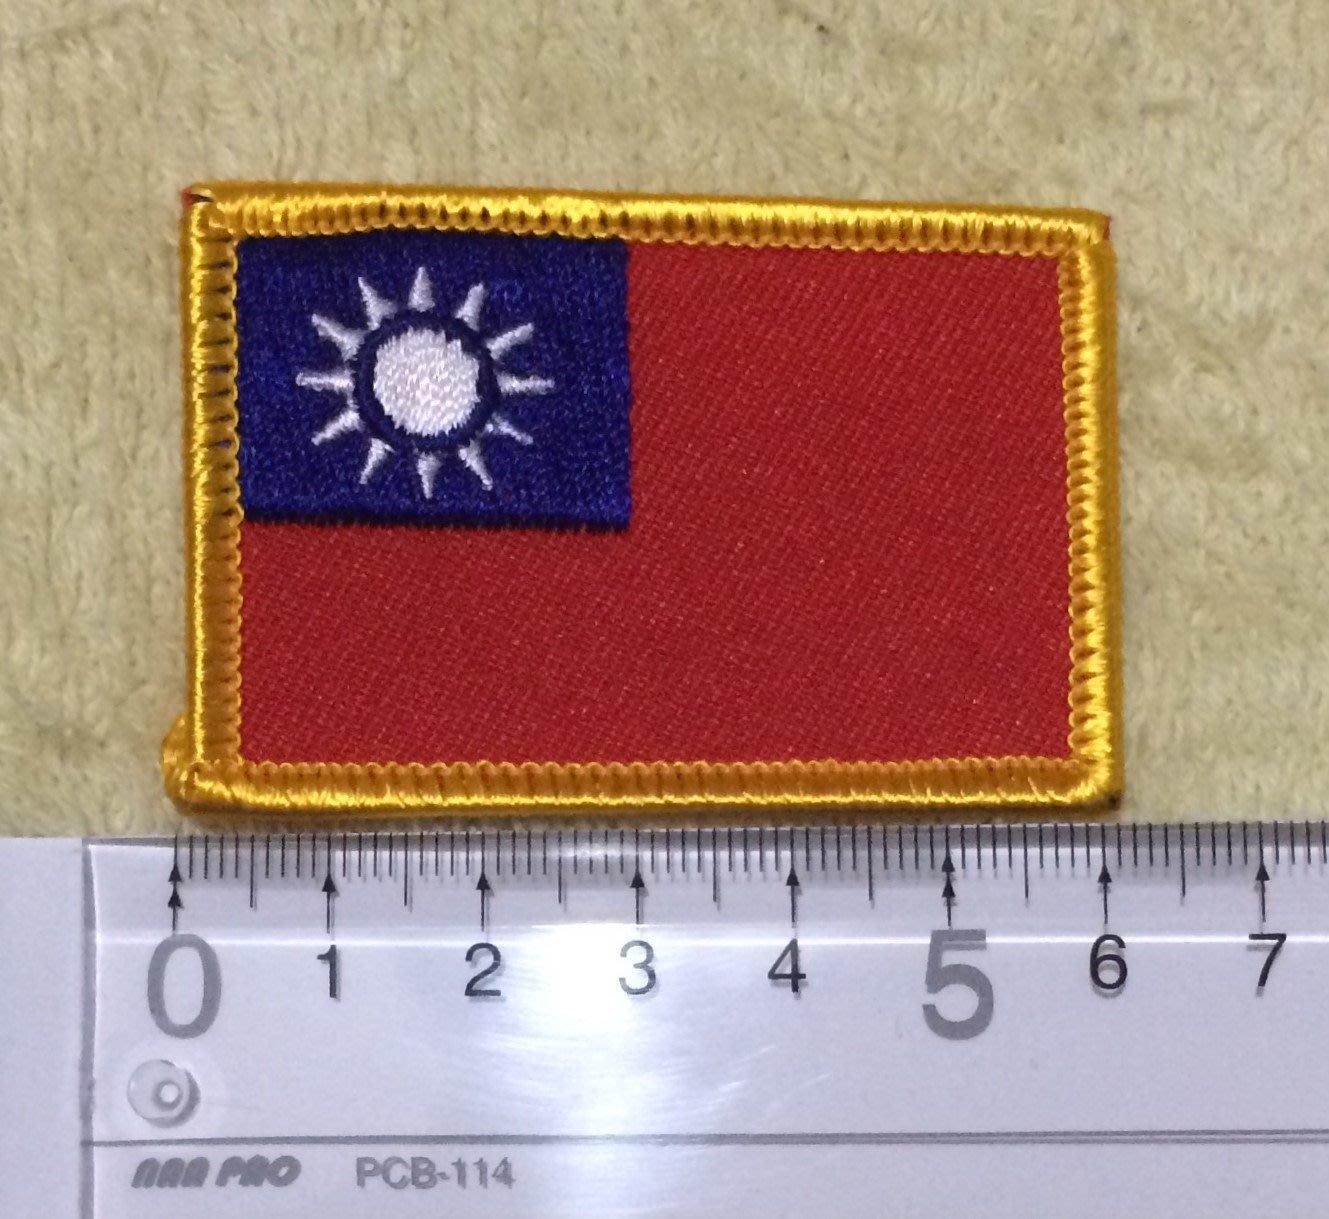 可欣台灣精品:中華民國國旗臂章(黃邊彩色版)( 4.2x6公分)